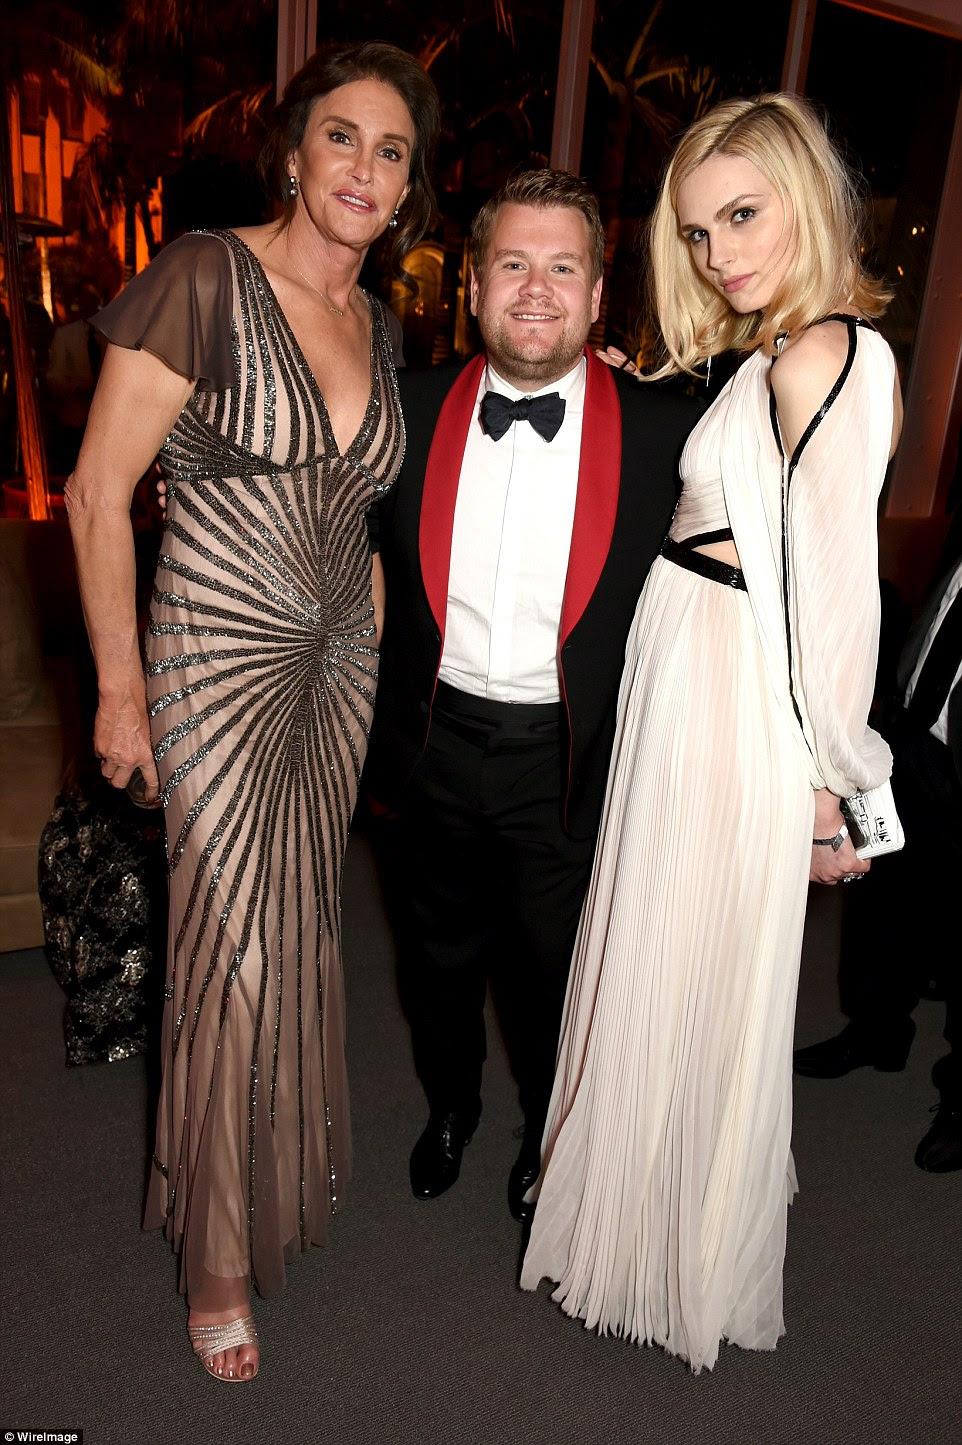 Todo o glamour: Caitlyn Jenner parecia deslumbrante em um vestido cintilante enquanto ela posava com James